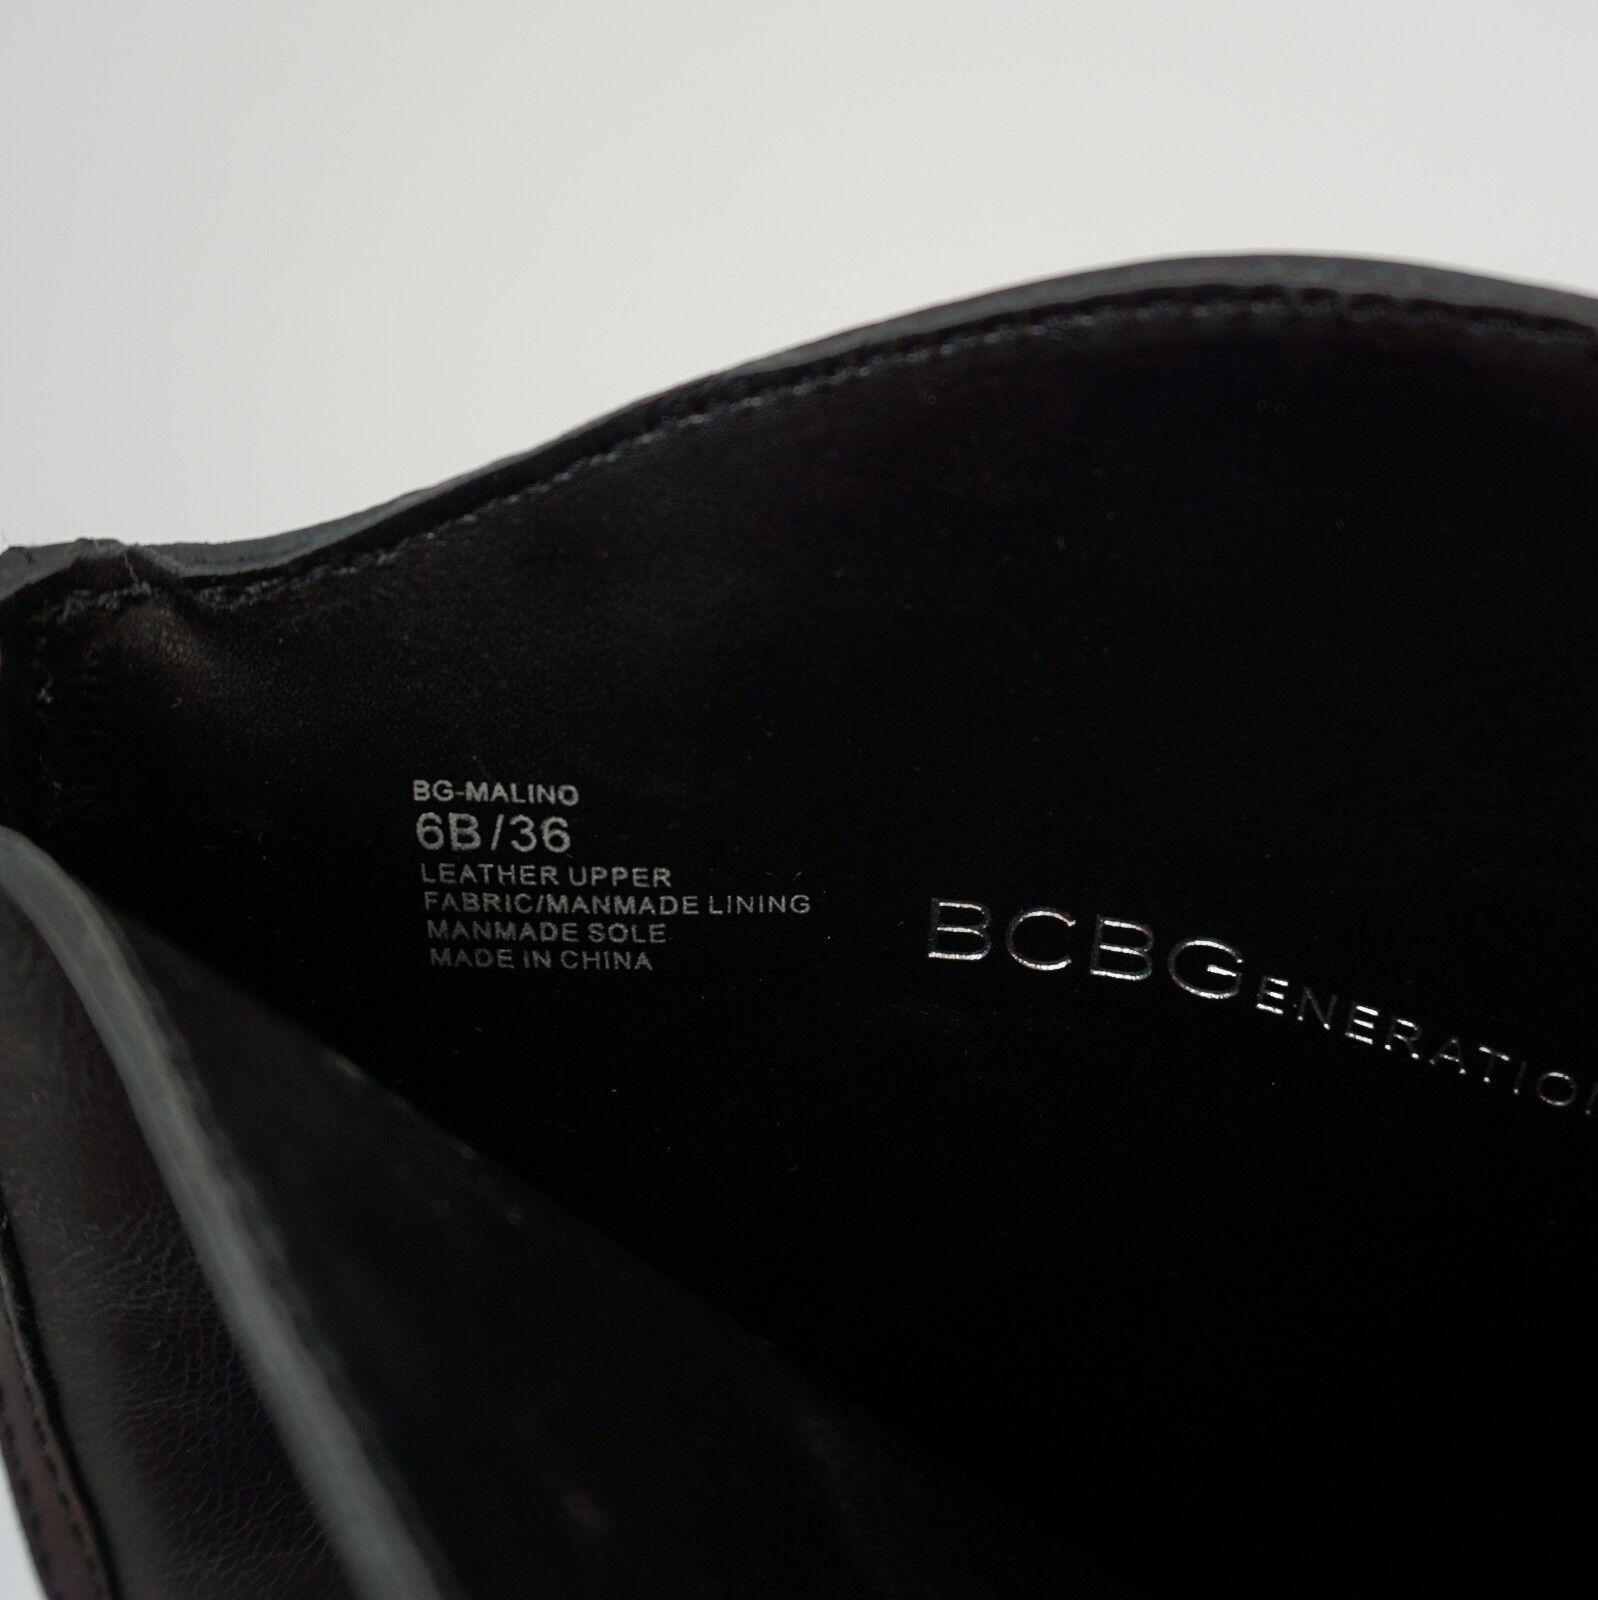 Bcbgeneration Malino Zapato de la mujer alto tacón bajo la de rodilla Botas altas de cuero negro 6M e58435